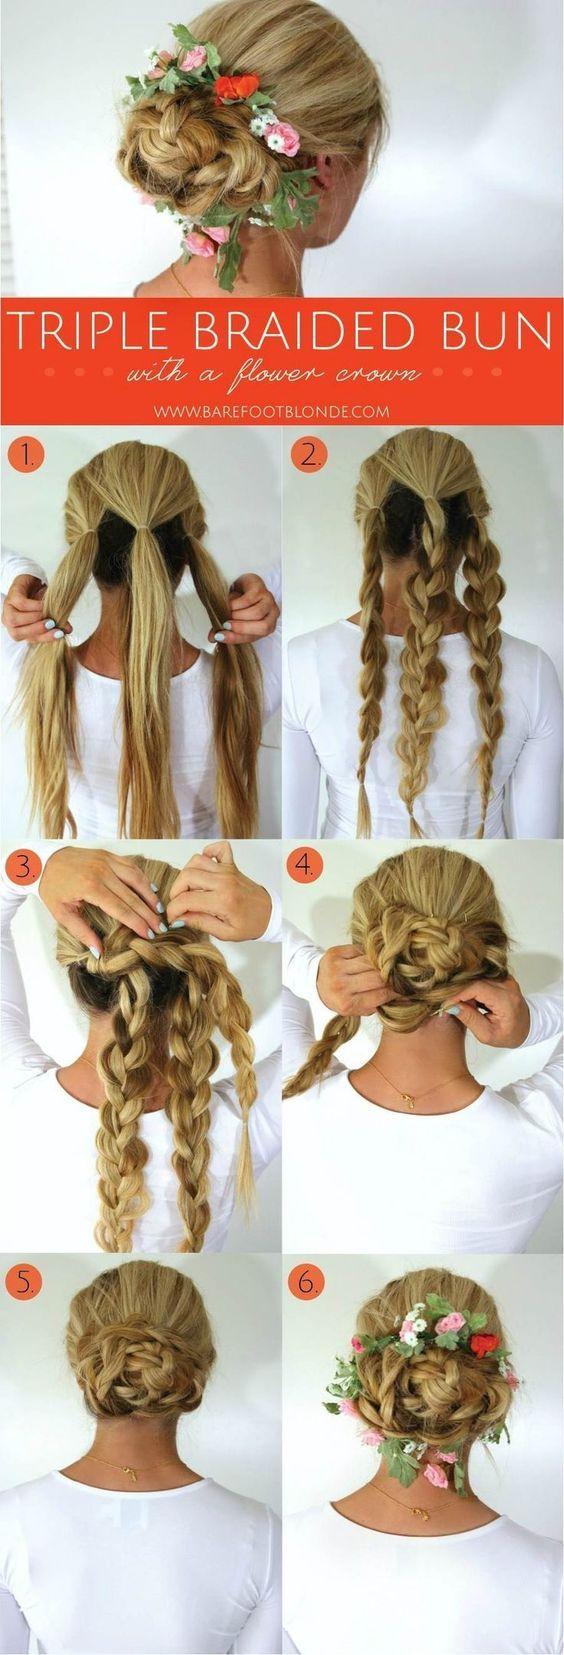 Braid Hairstyle For Long Hair Natural Hair Style Braids